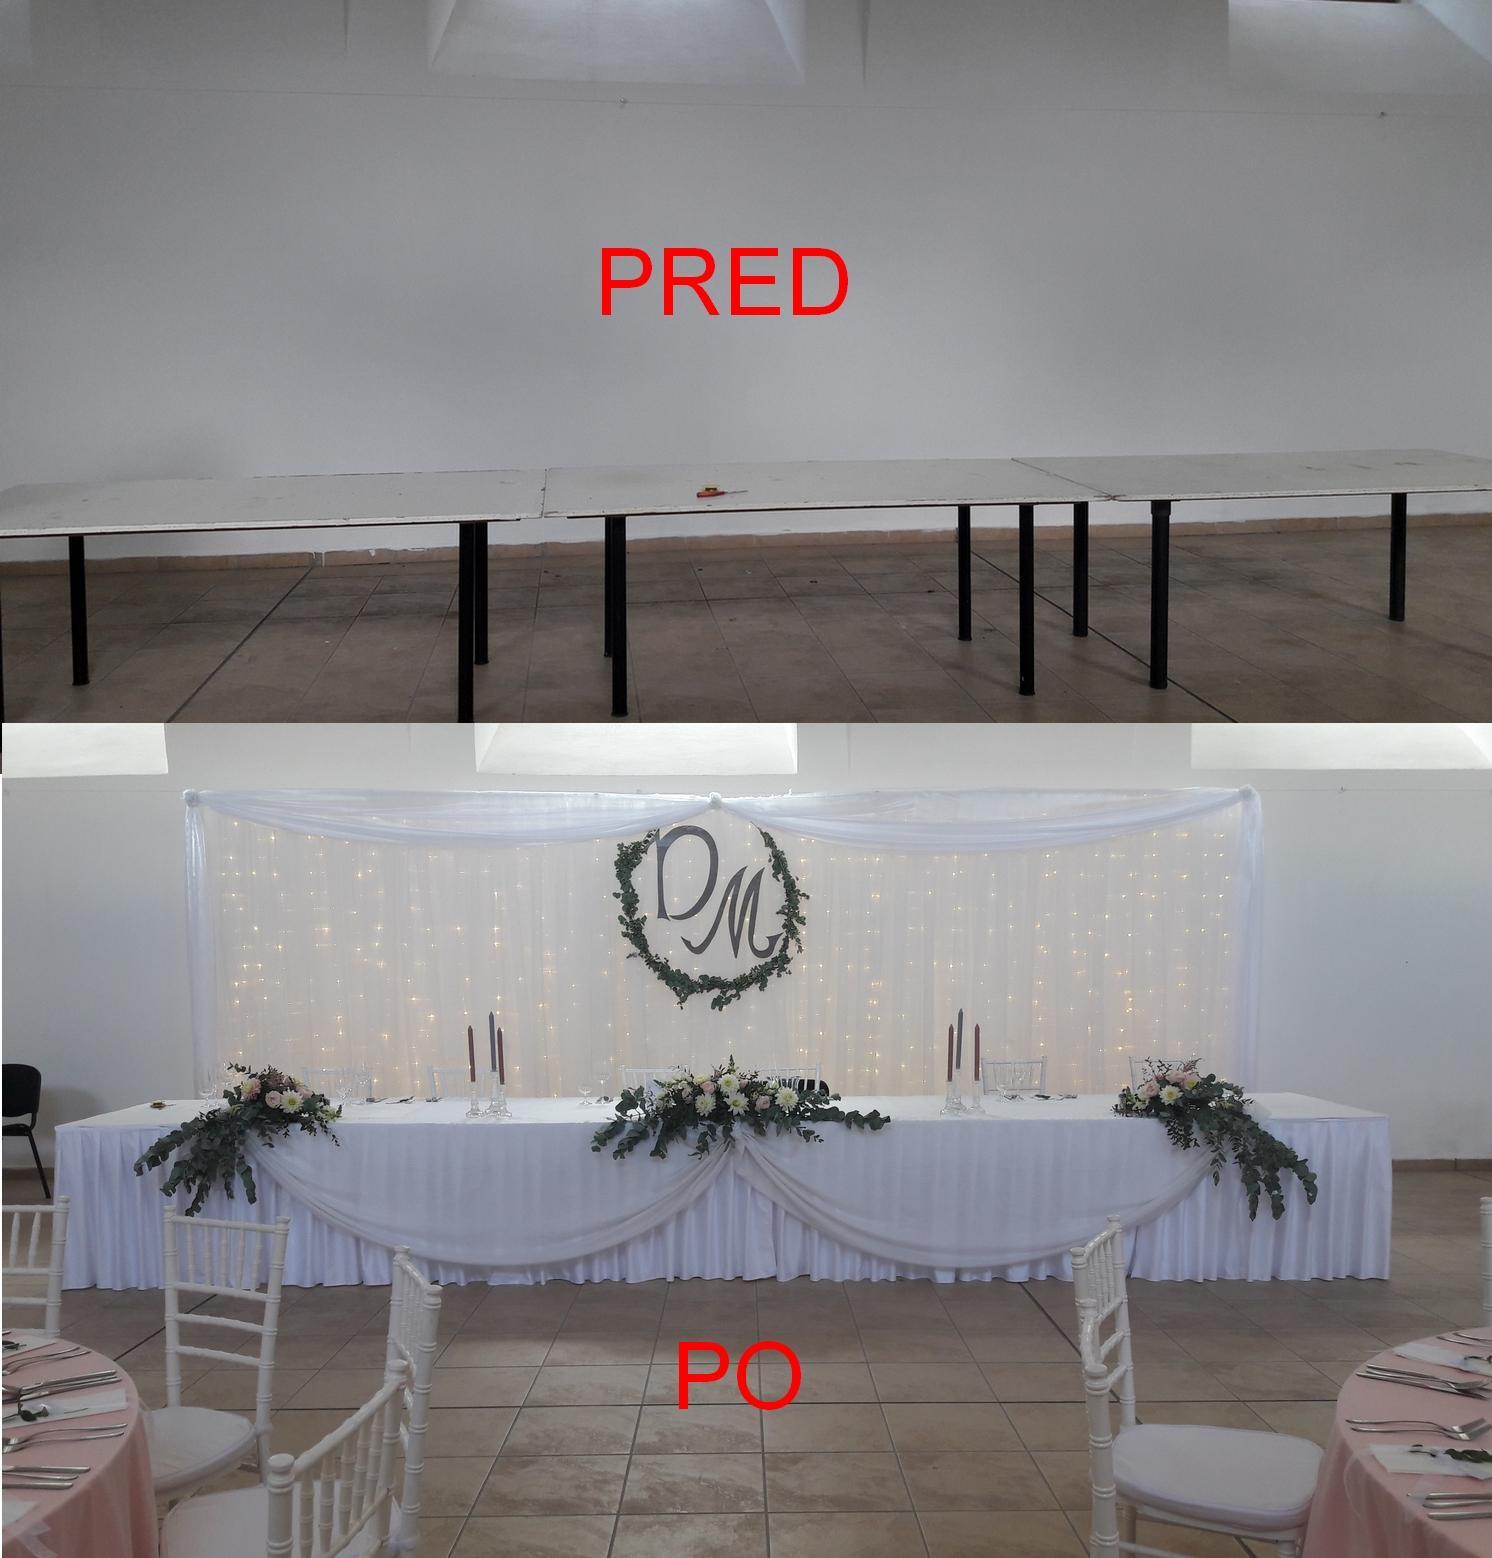 Svetelná stena a nasvietenie sály - Červený kameň - jazdiareň - Svetelná stena a nasvietenie sály - Červený kameň - jazdiareň